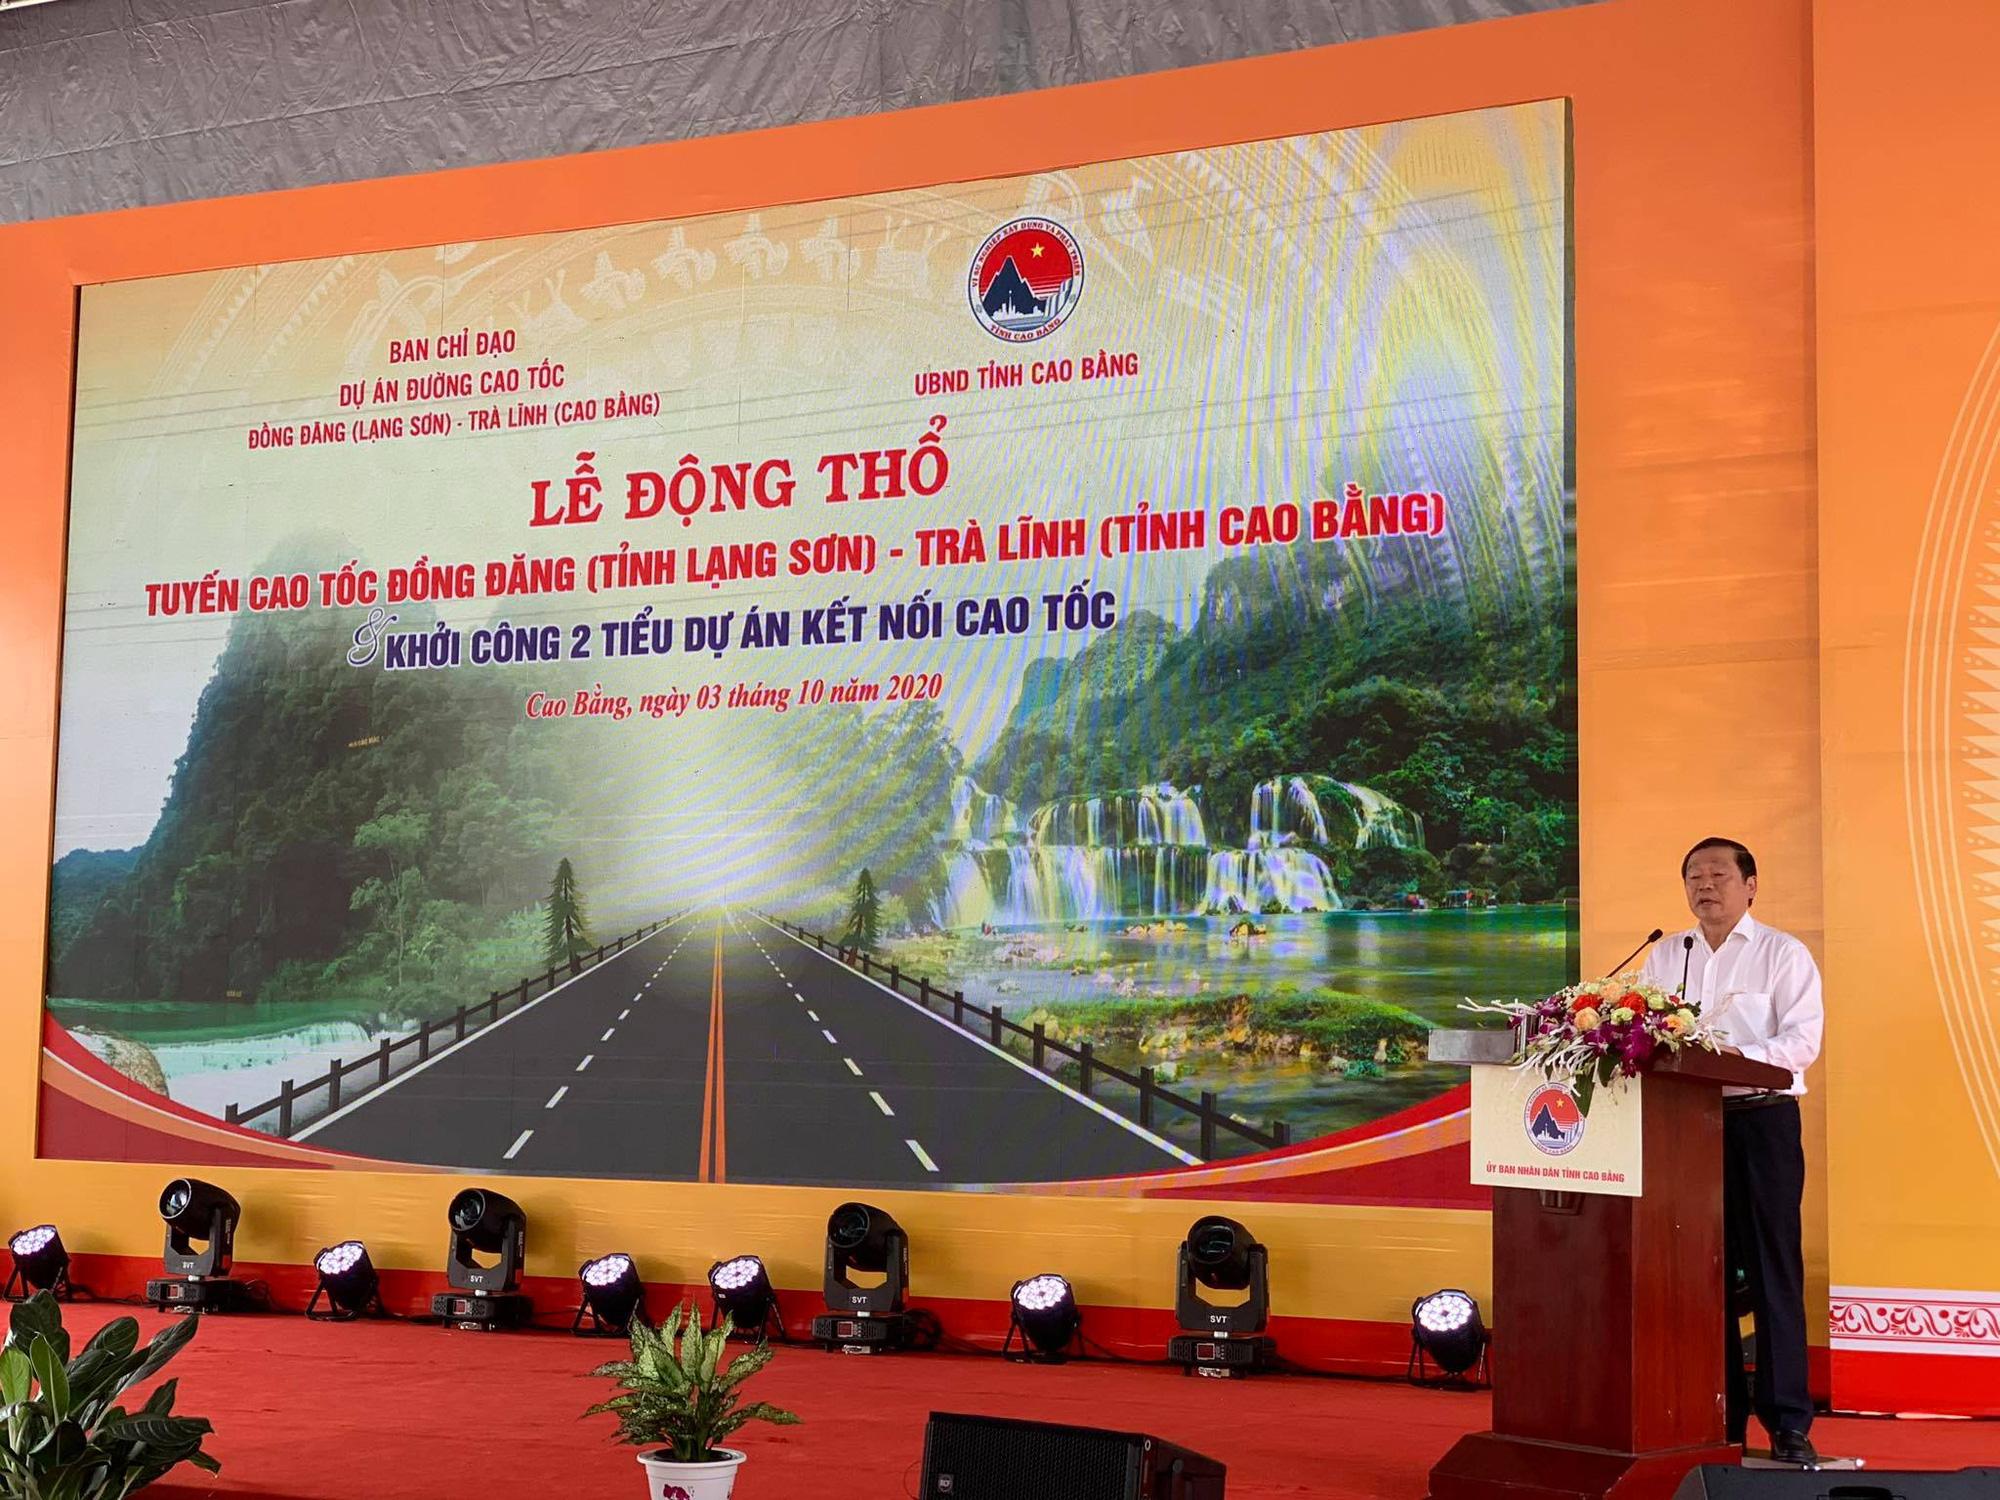 Cao Bằng: Động thổ tuyến đường cao tốc kiểu mẫu về thân thiện môi trường - Ảnh 2.